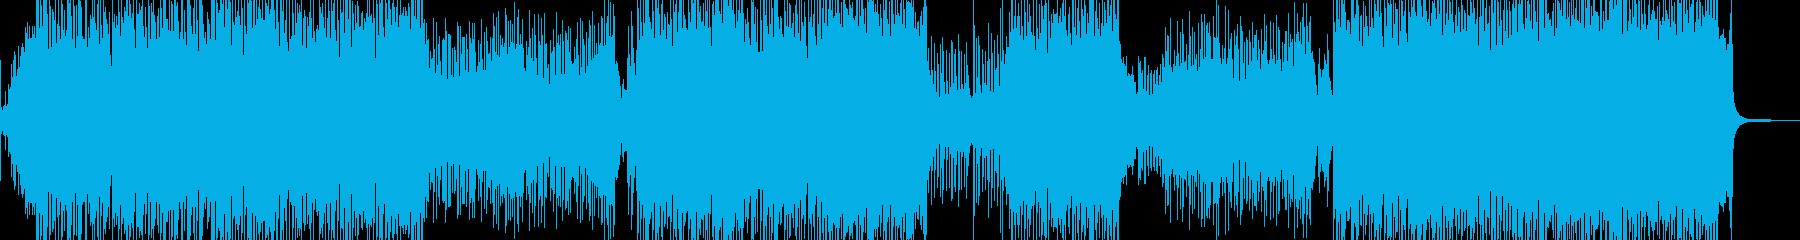 琴・三味線・全速力な演歌調ロック 長尺の再生済みの波形